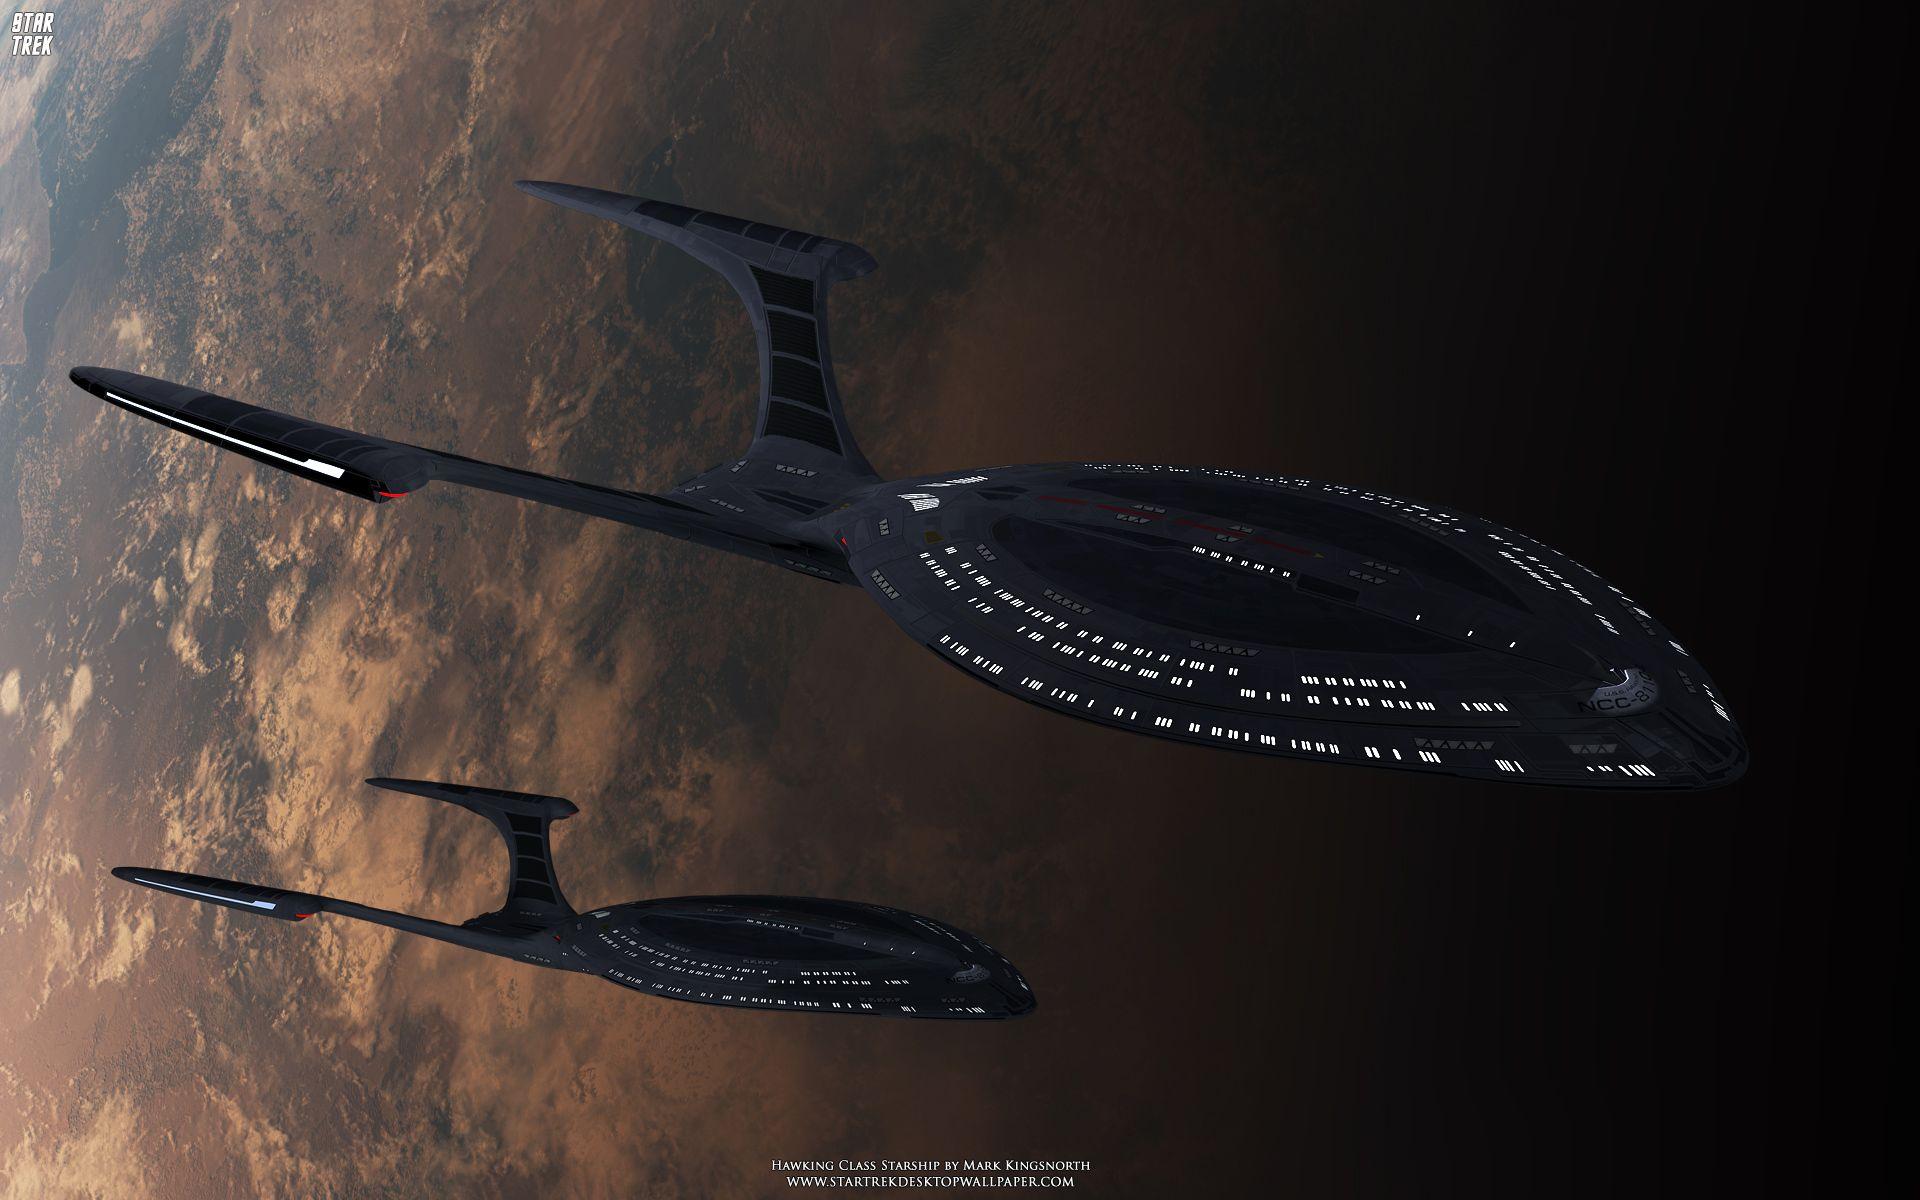 Star Trek Hawking Class Starship Free Star Trek